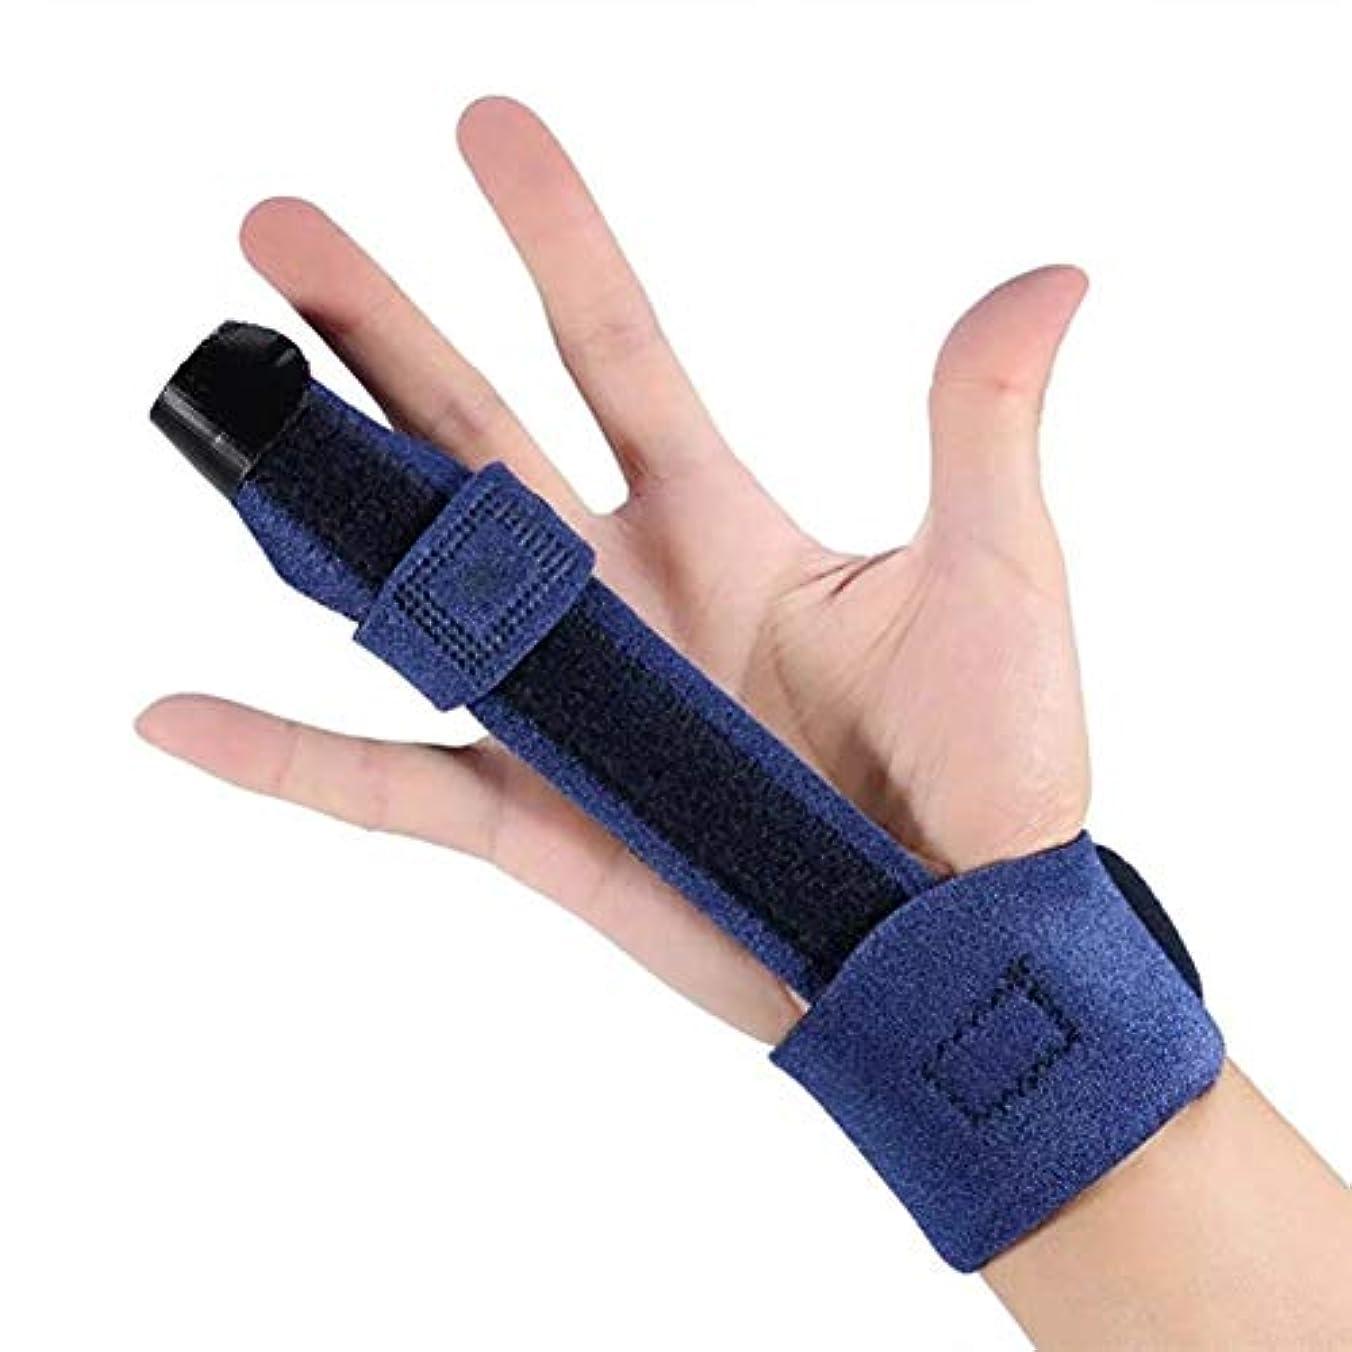 彫刻家ハイジャック復讐フィンガースプリントフィンガーボードフィンガーセパレーター,指ナックル固定化、指の骨折のための指スプリント、リバーシブル親指スタビライザー、救済レンチ、関節炎の痛み、